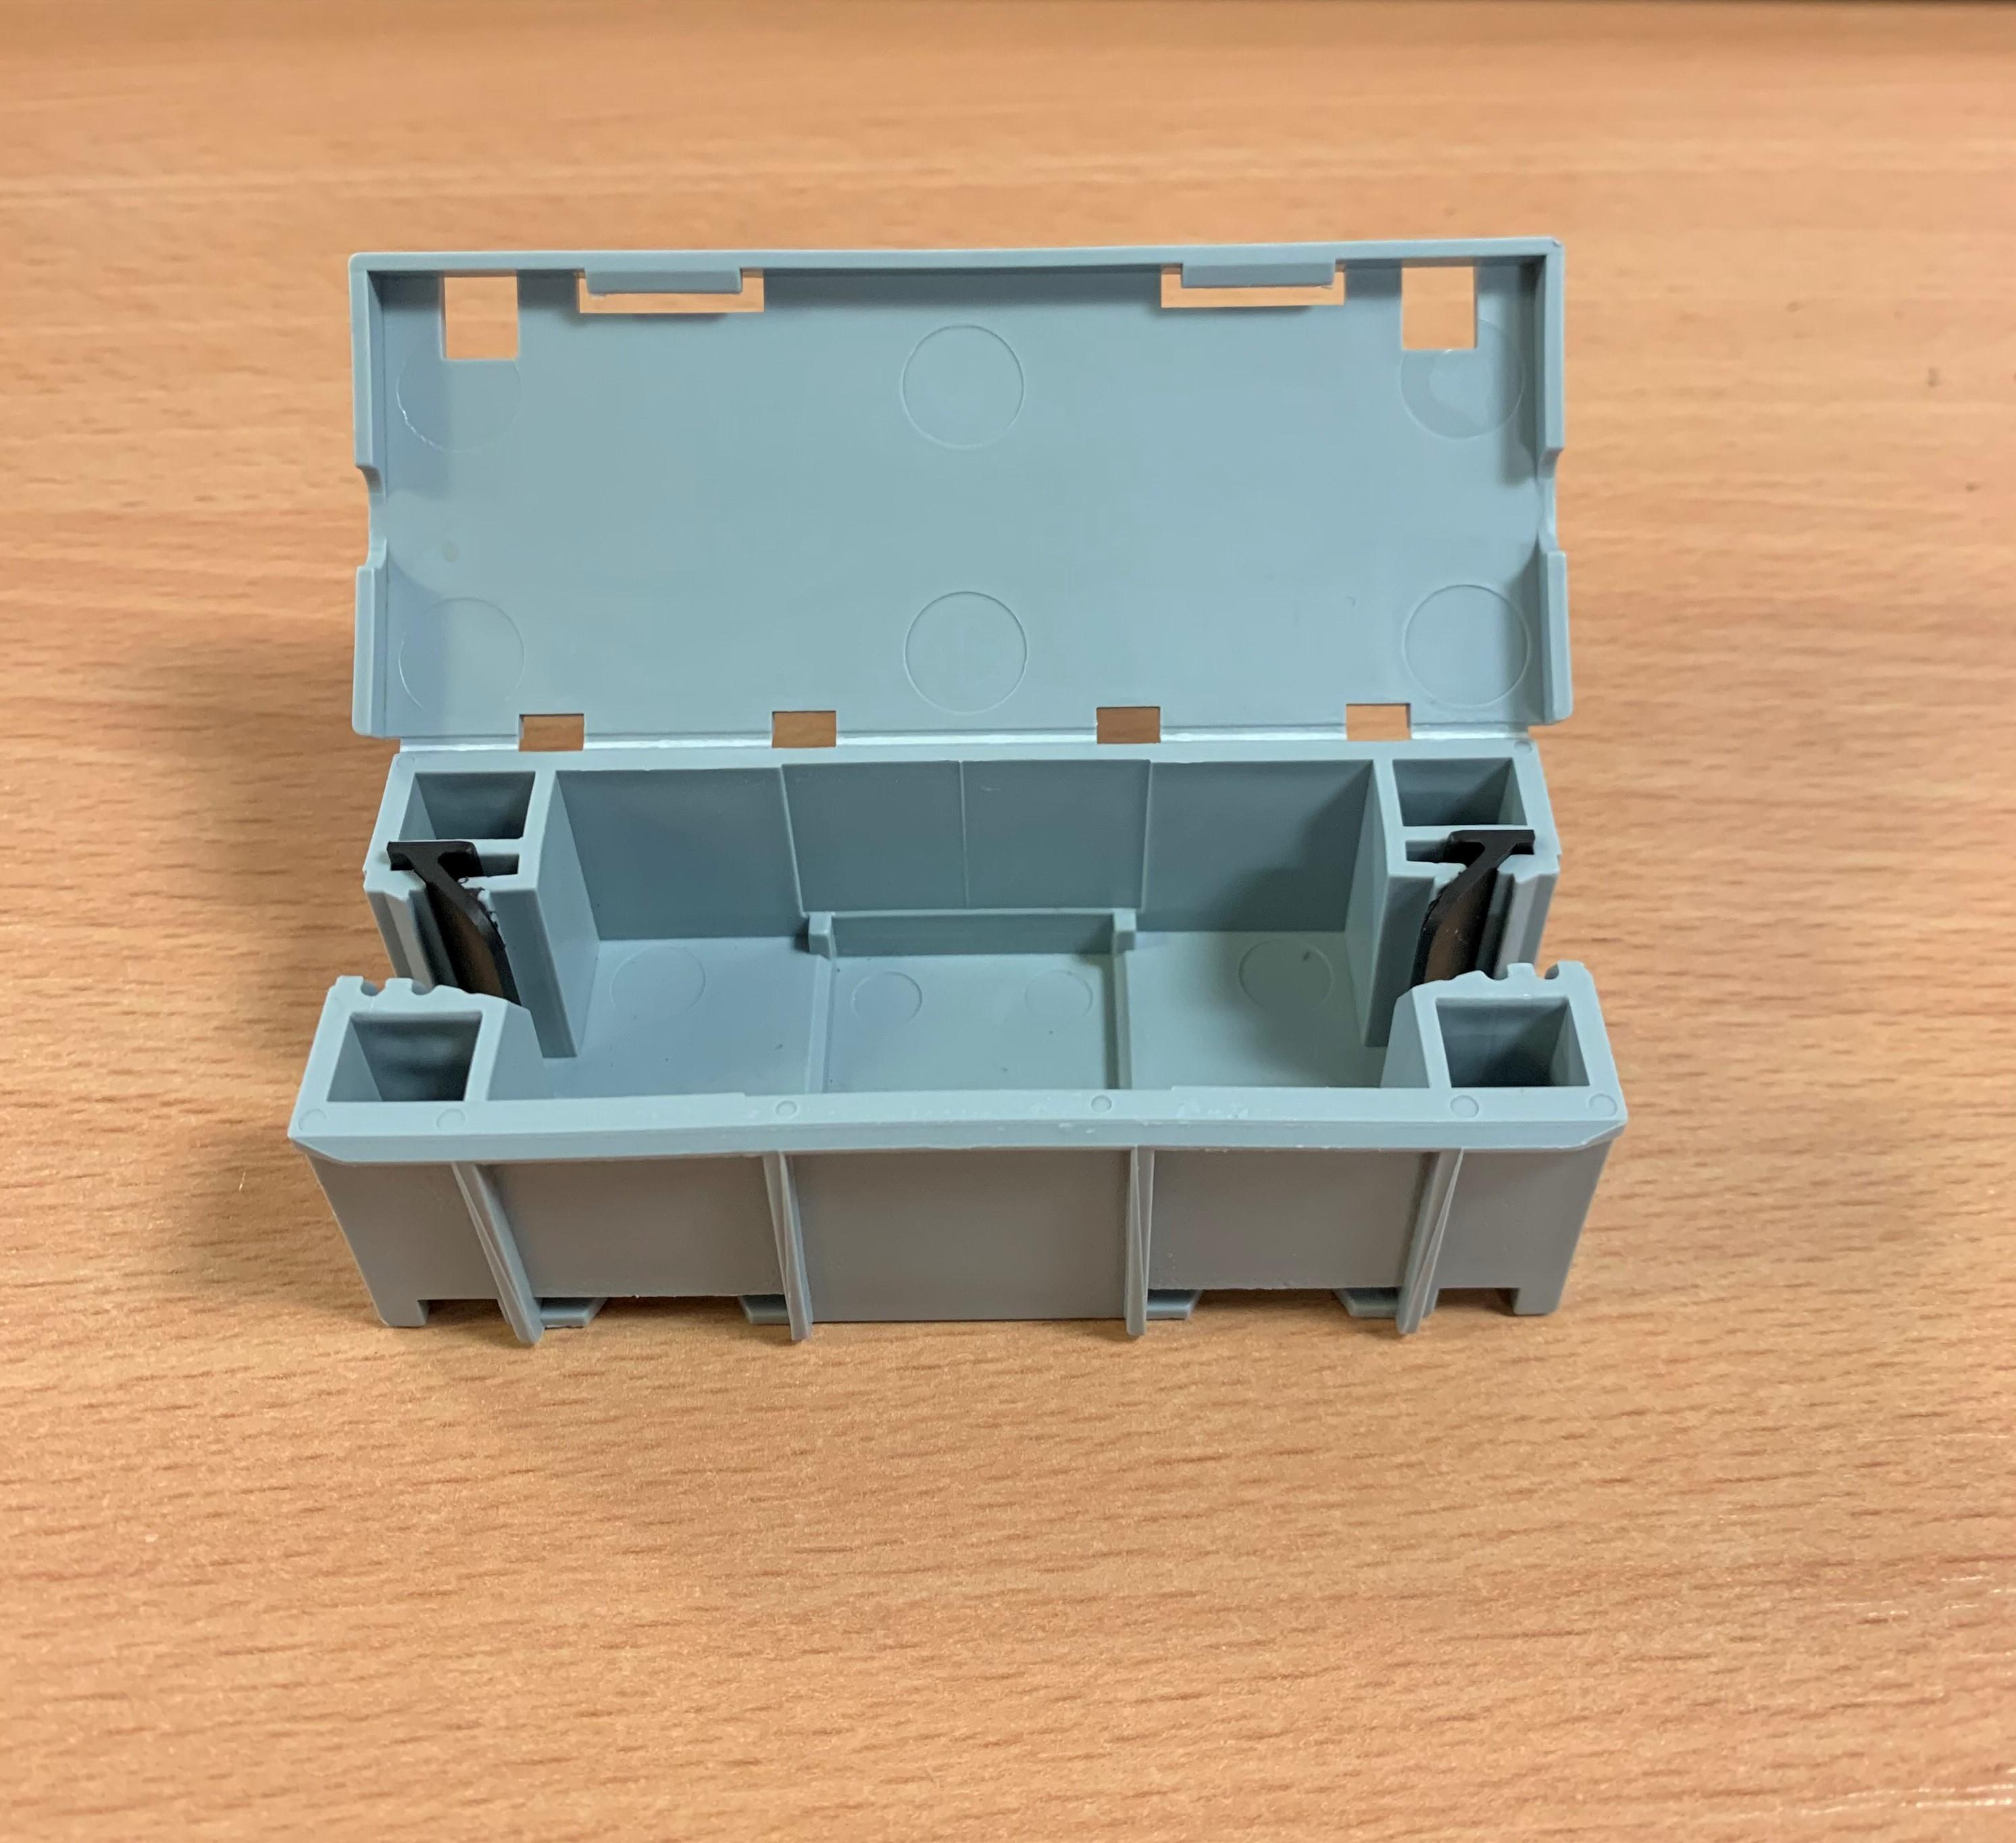 Wago WBL-001-G Junction Box - Buy online or in store from John Cribb & Sons Ltd